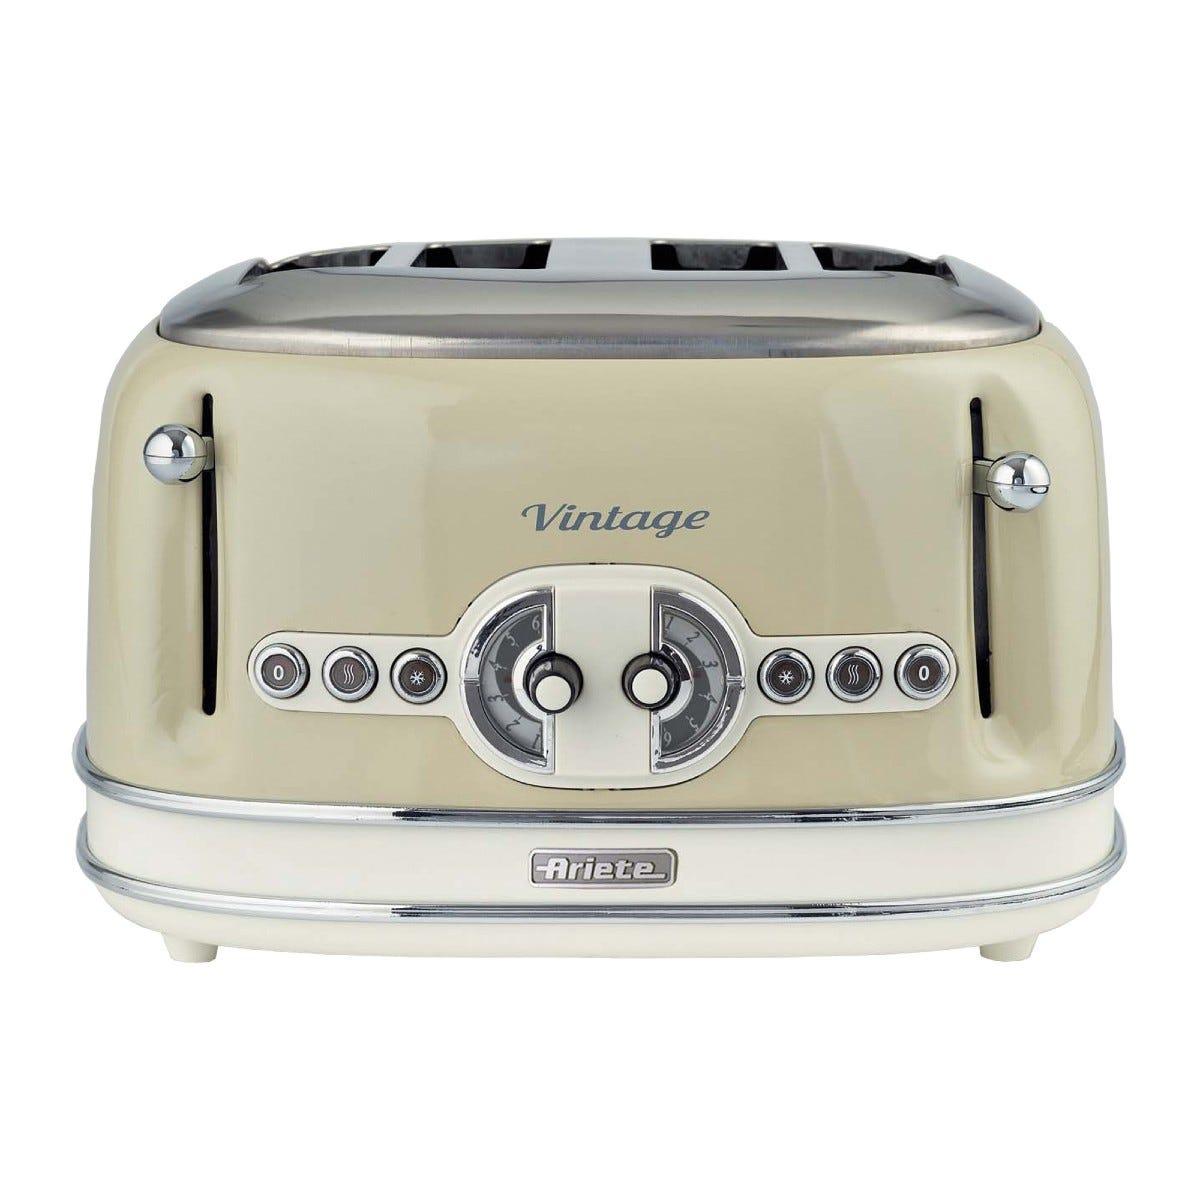 Ariete AR5603 Vintage 4-Slice Toaster - Cream